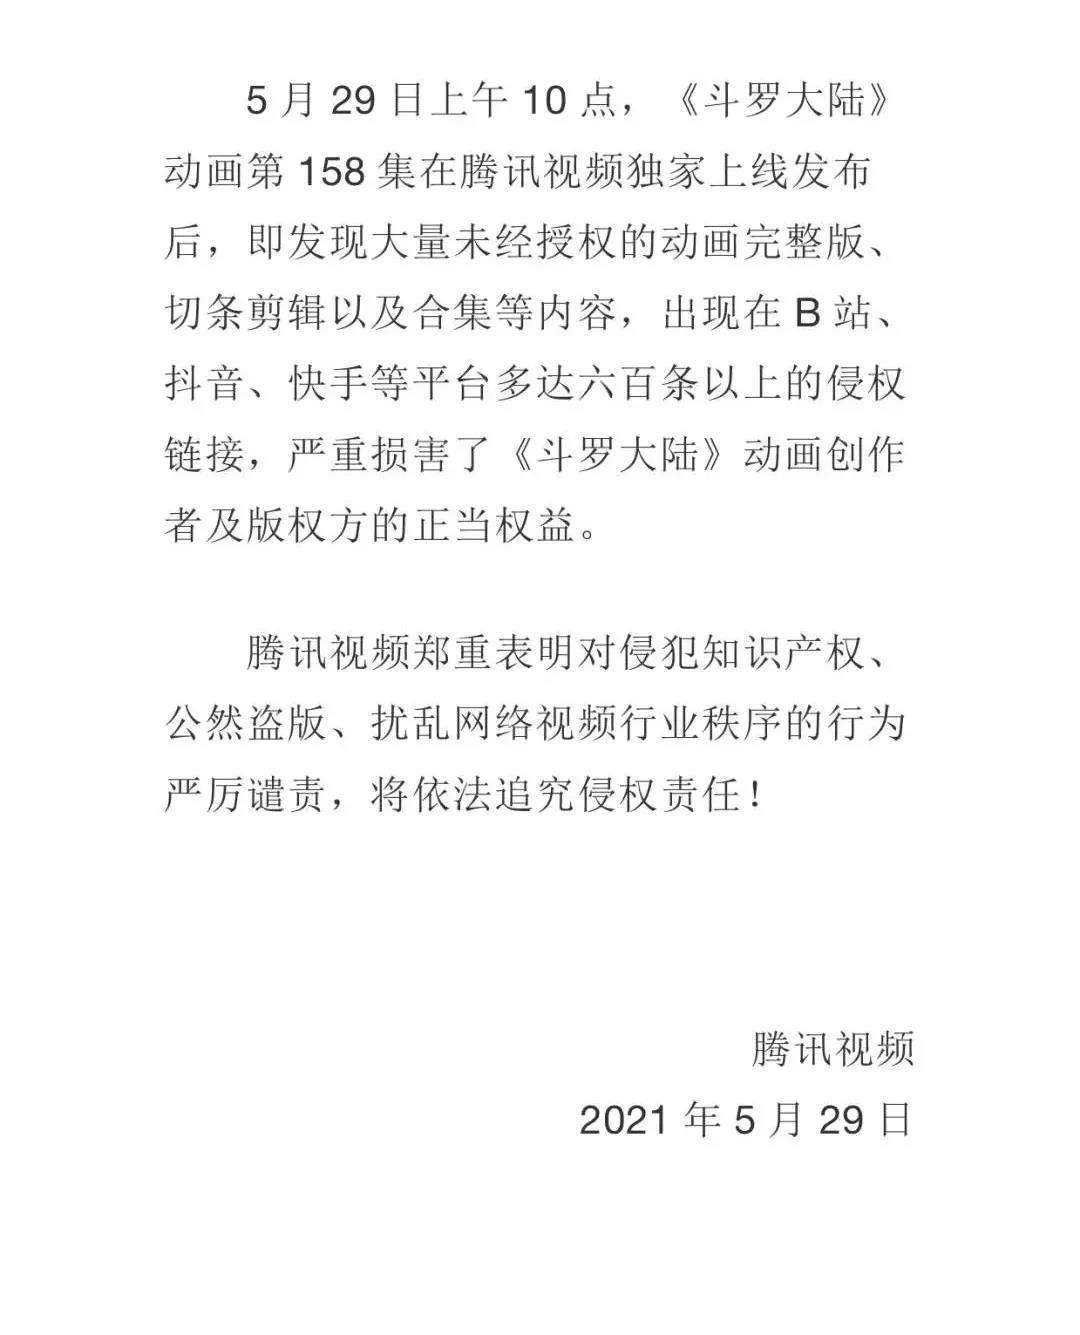 腾讯《斗罗大陆》动画声明:谴责B站、抖音、快手剪辑